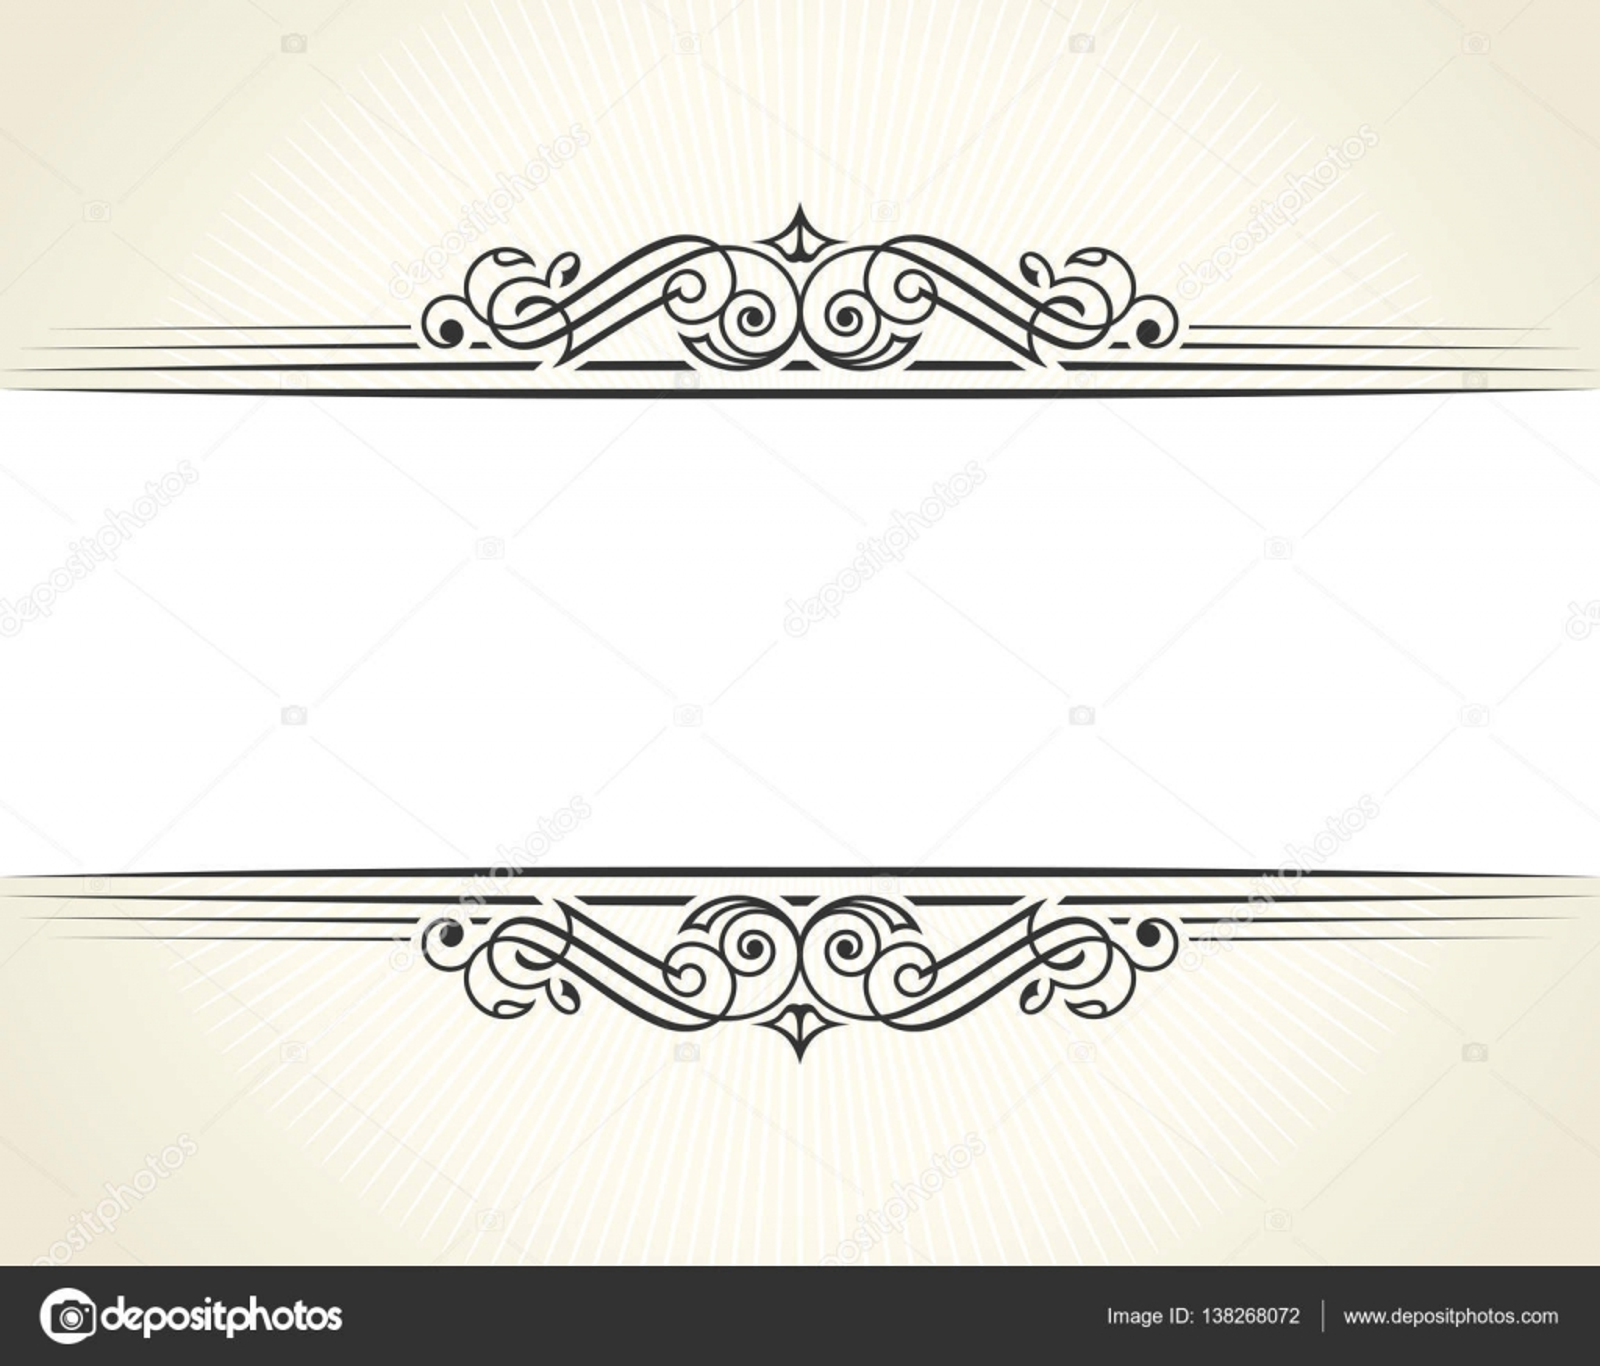 islam ethnischen design. weißen einladung vintage label rahmen, Einladung